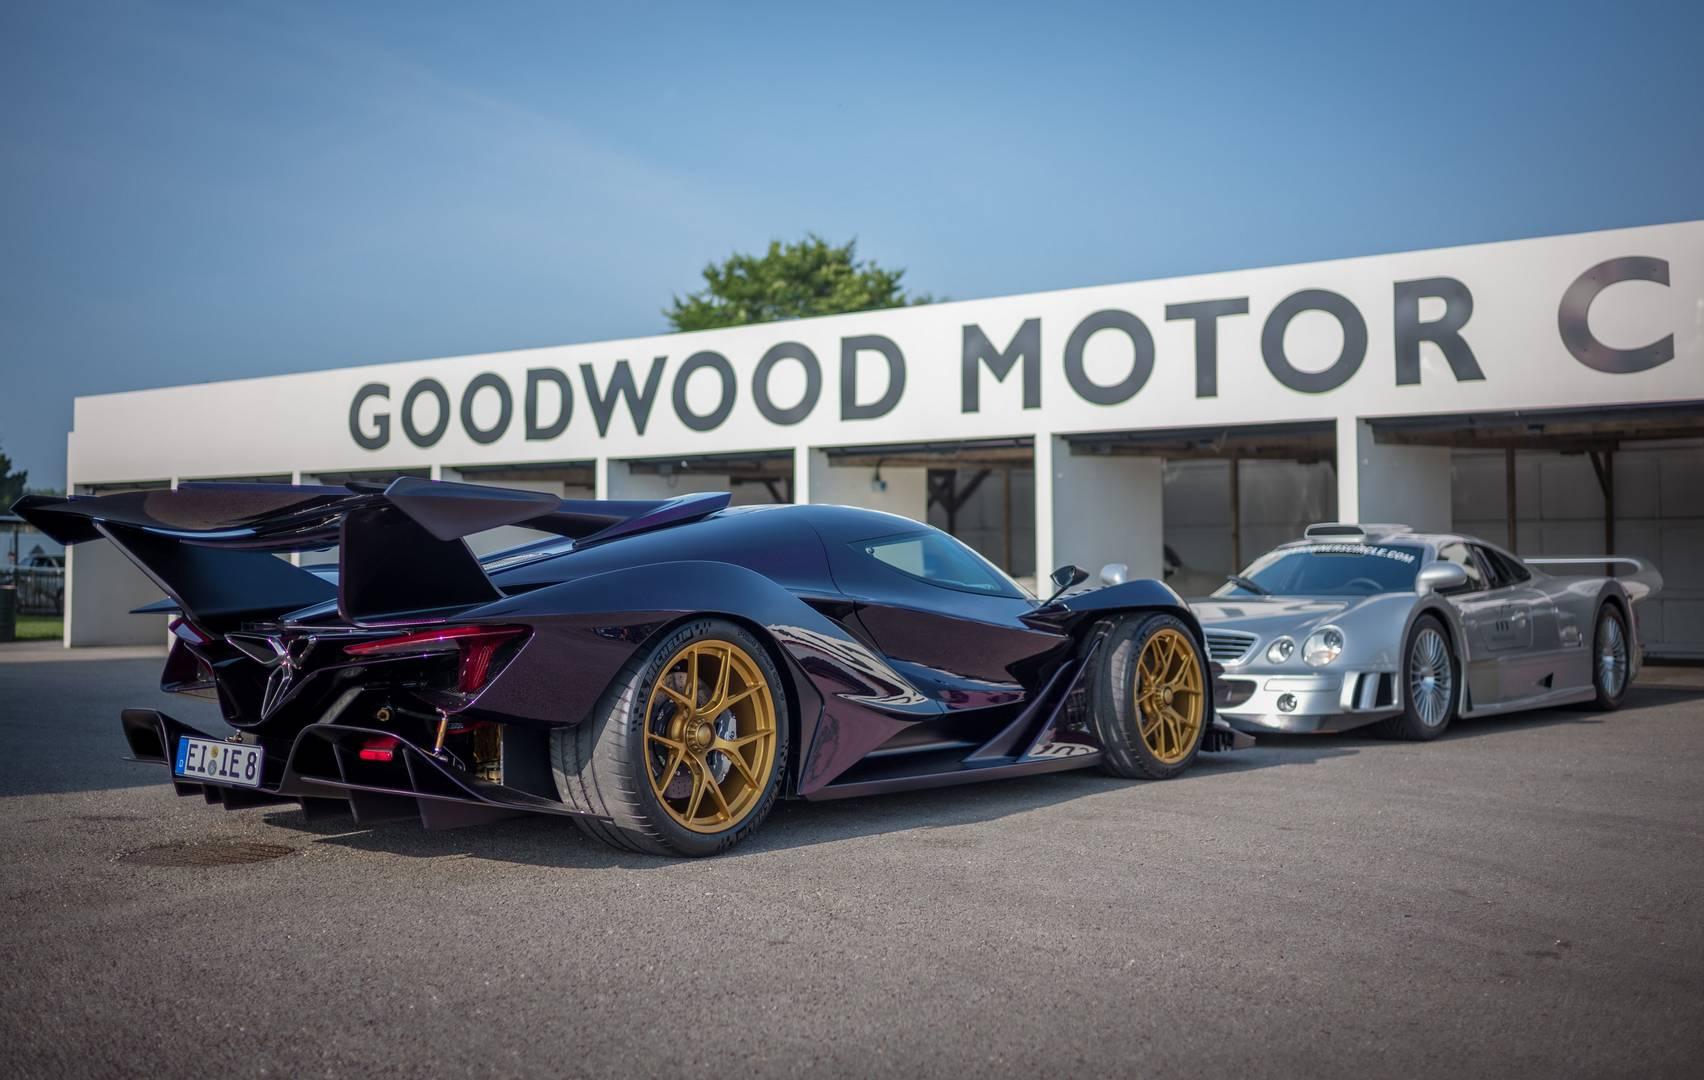 Компания Apollo, которая теперь владеет правами на наследие Gumpert, недавно объявила о техническом партнерстве с легендарными автогонщиками HWA.